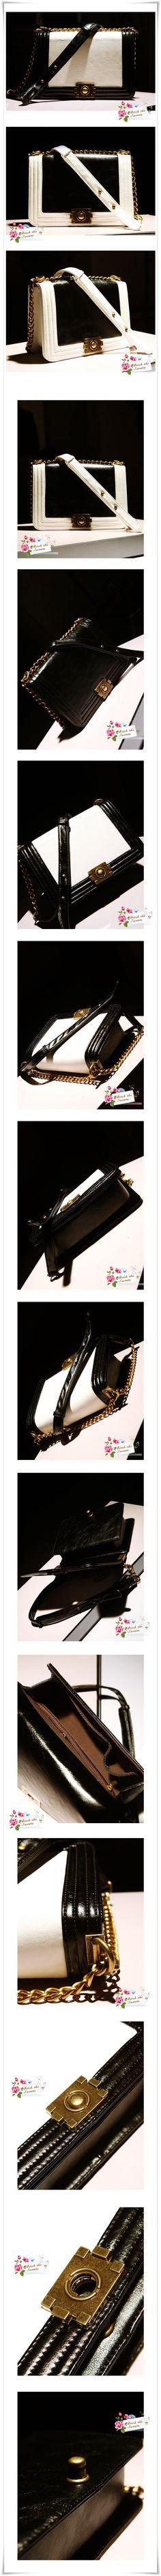 Chanel Designer Inspired Black & White Two Tone Vintage Shoulder Bag / Messenger Bag Only $40 & Free Shipping! #fashion #chanel